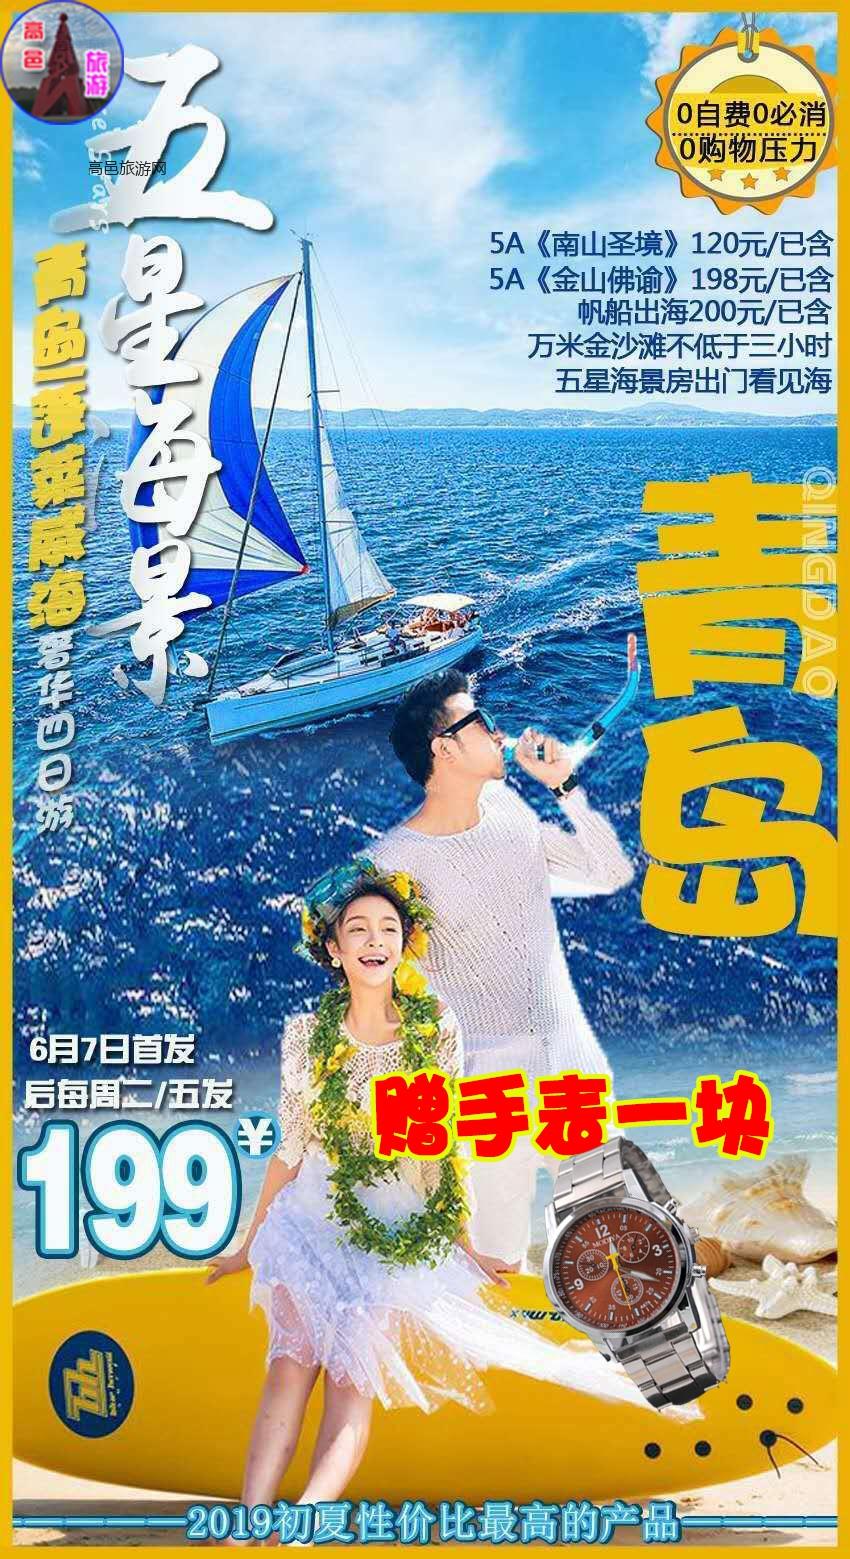 【速抢】青岛威海蓬莱奢华4日游199元报